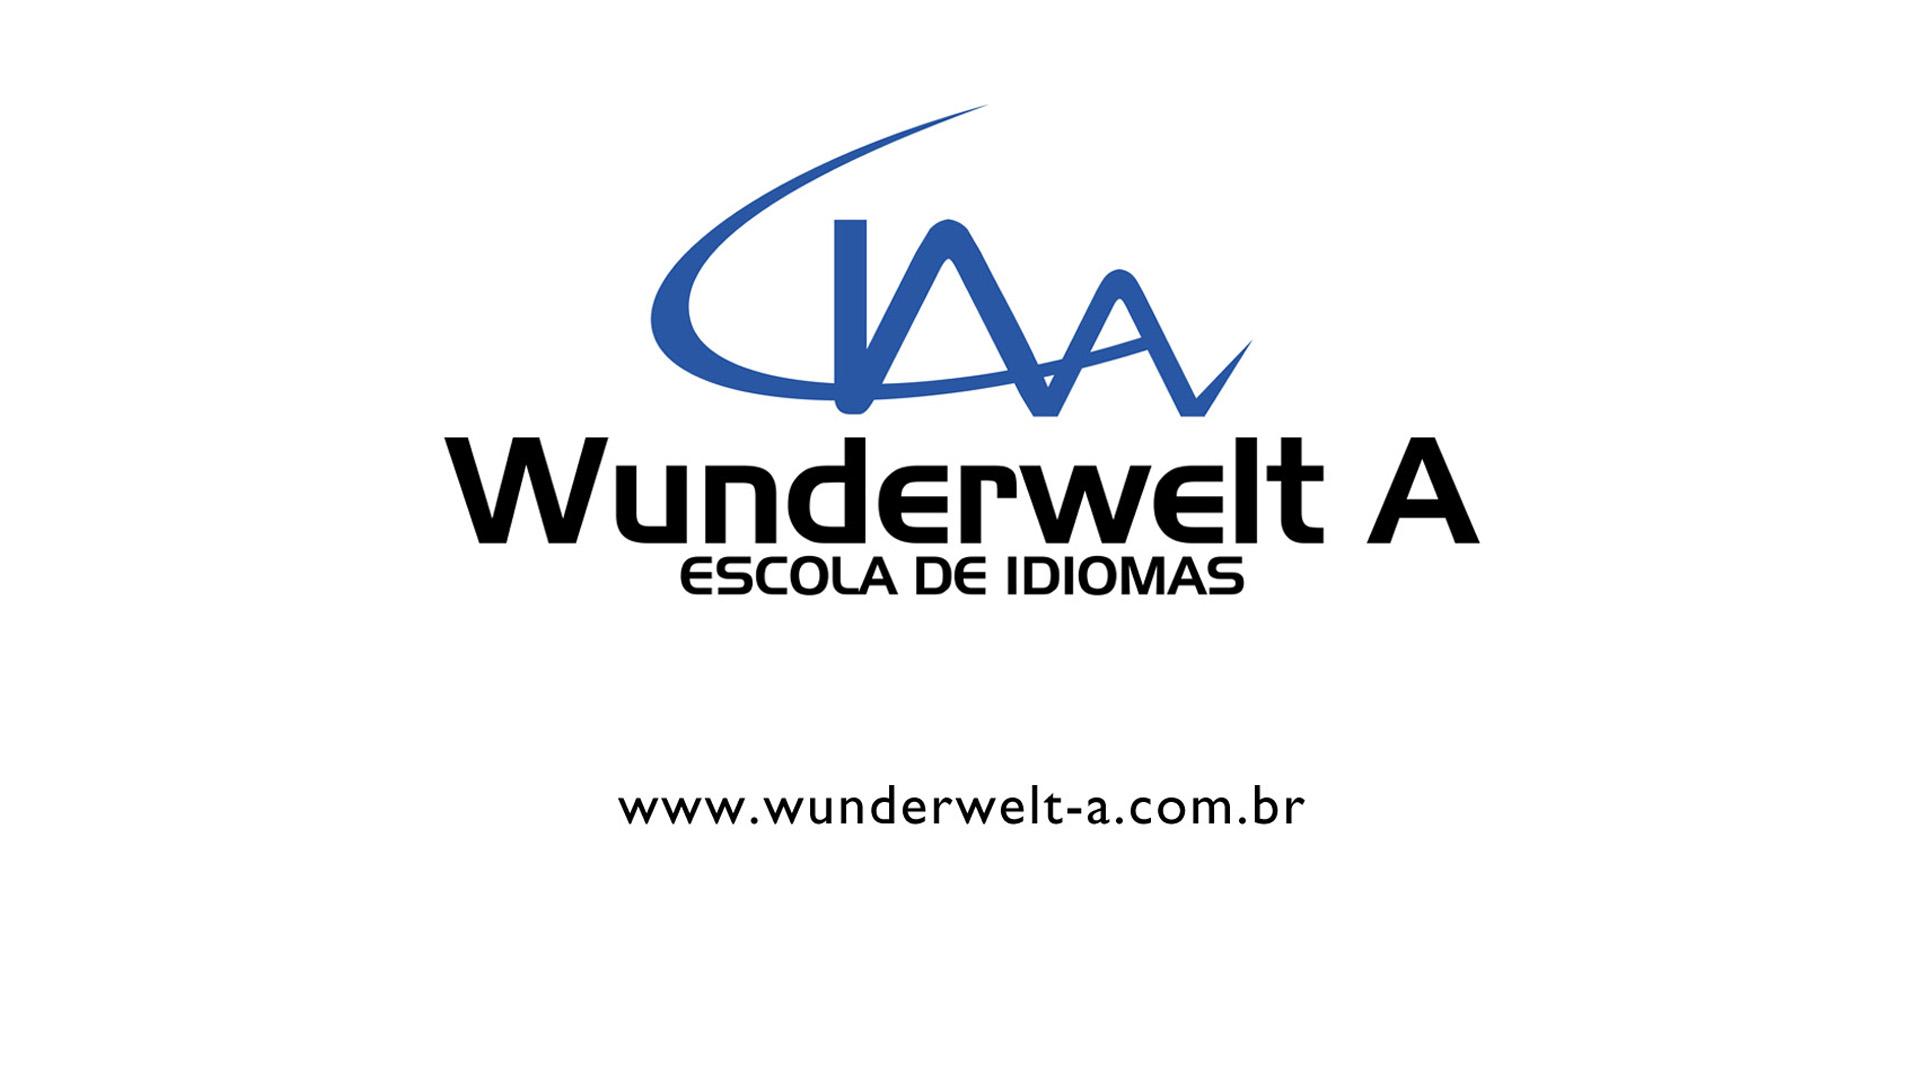 logowunderwelta-longo